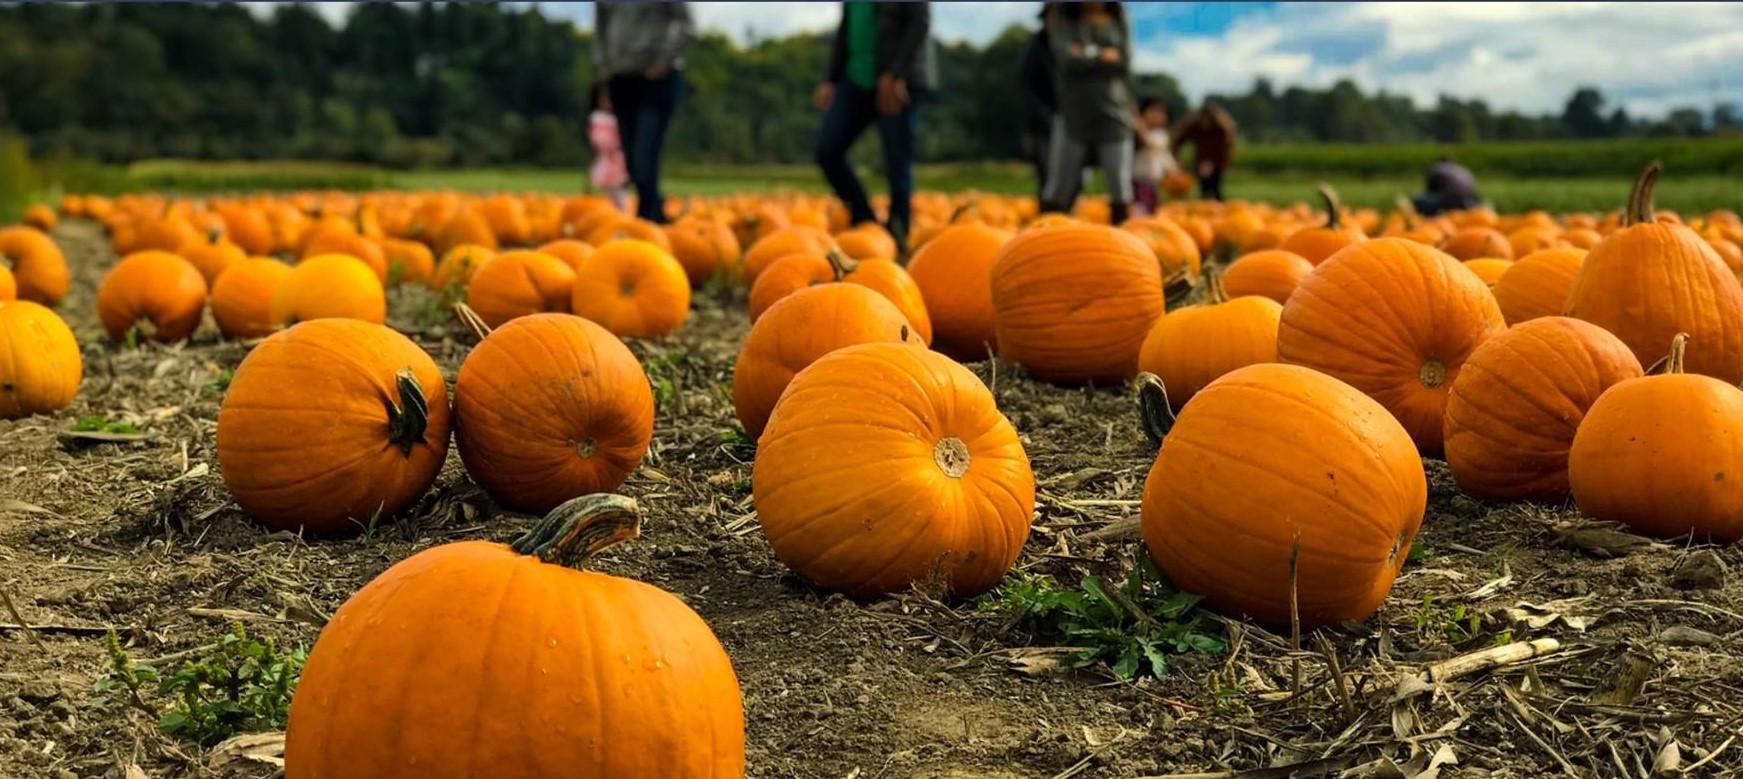 PYO Pumpkins at Penllyn Estate